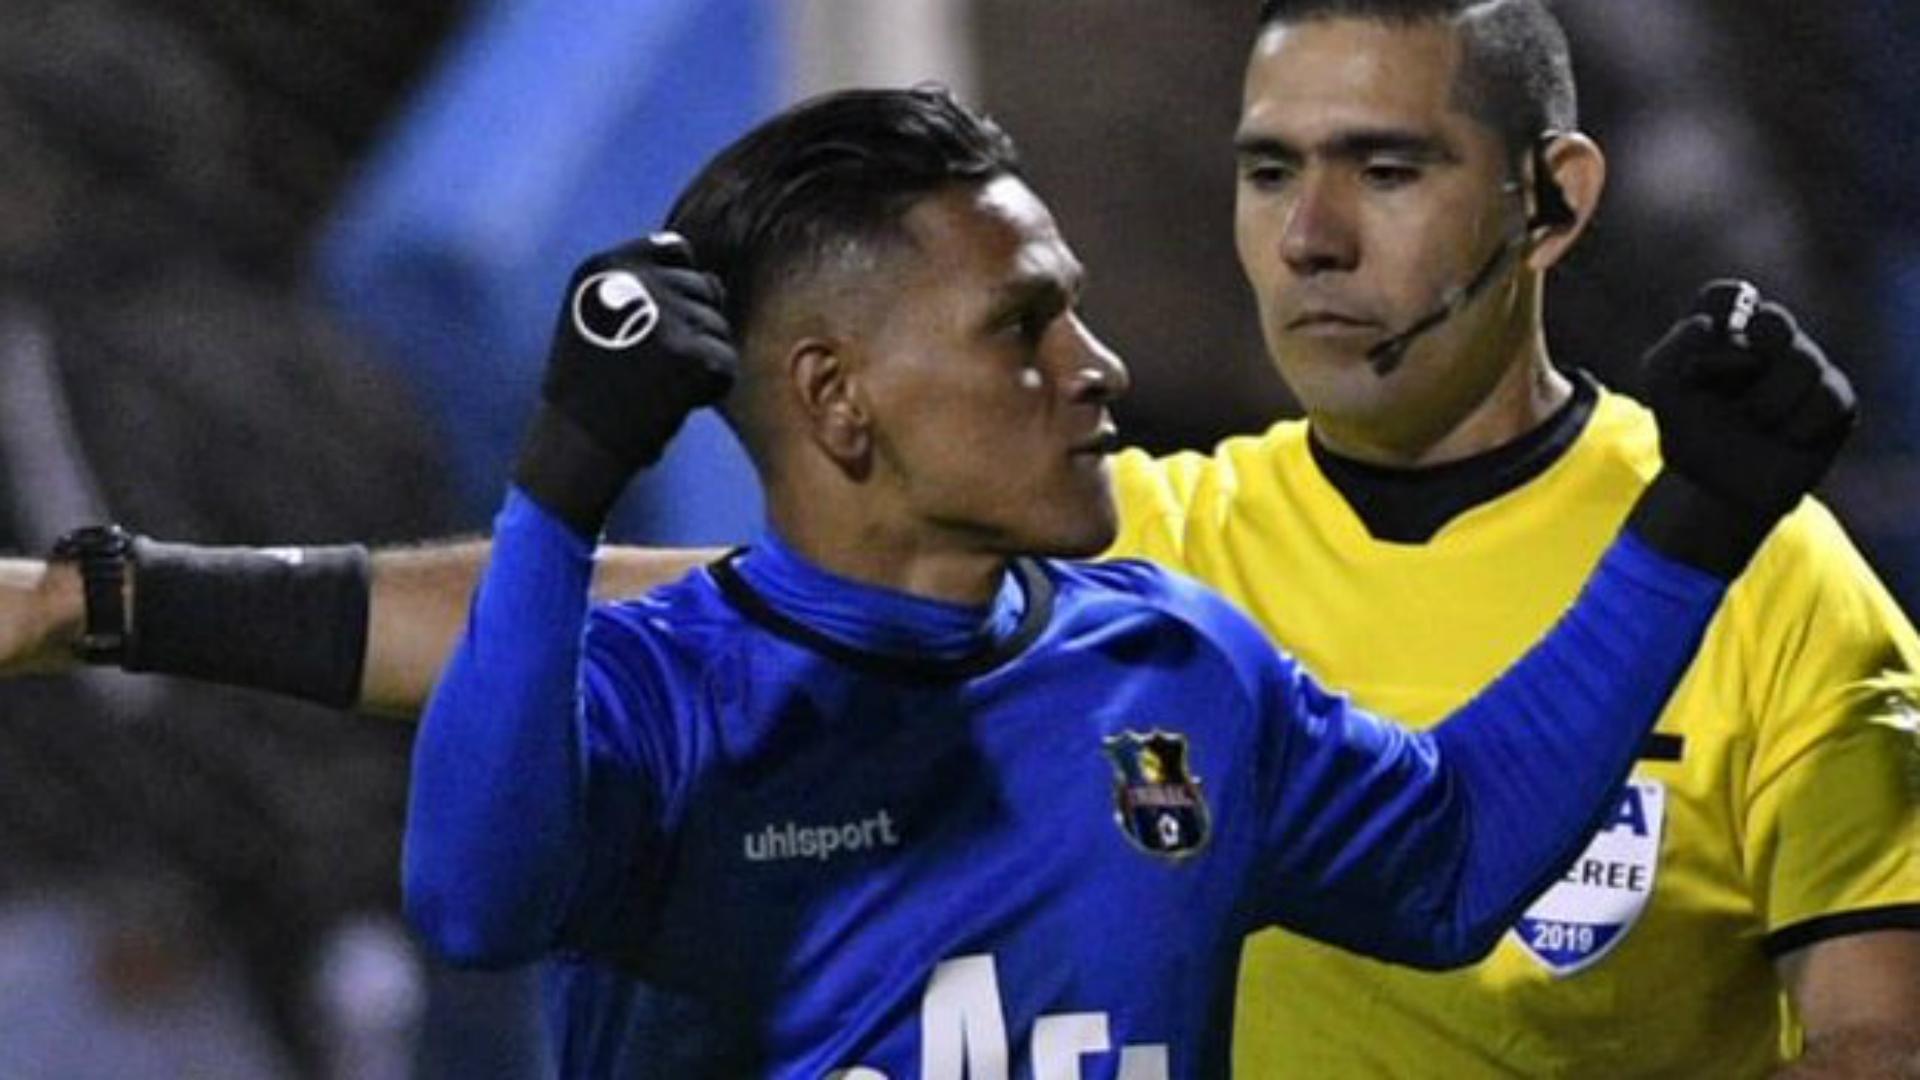 FC Zulia forward Bryan Moya